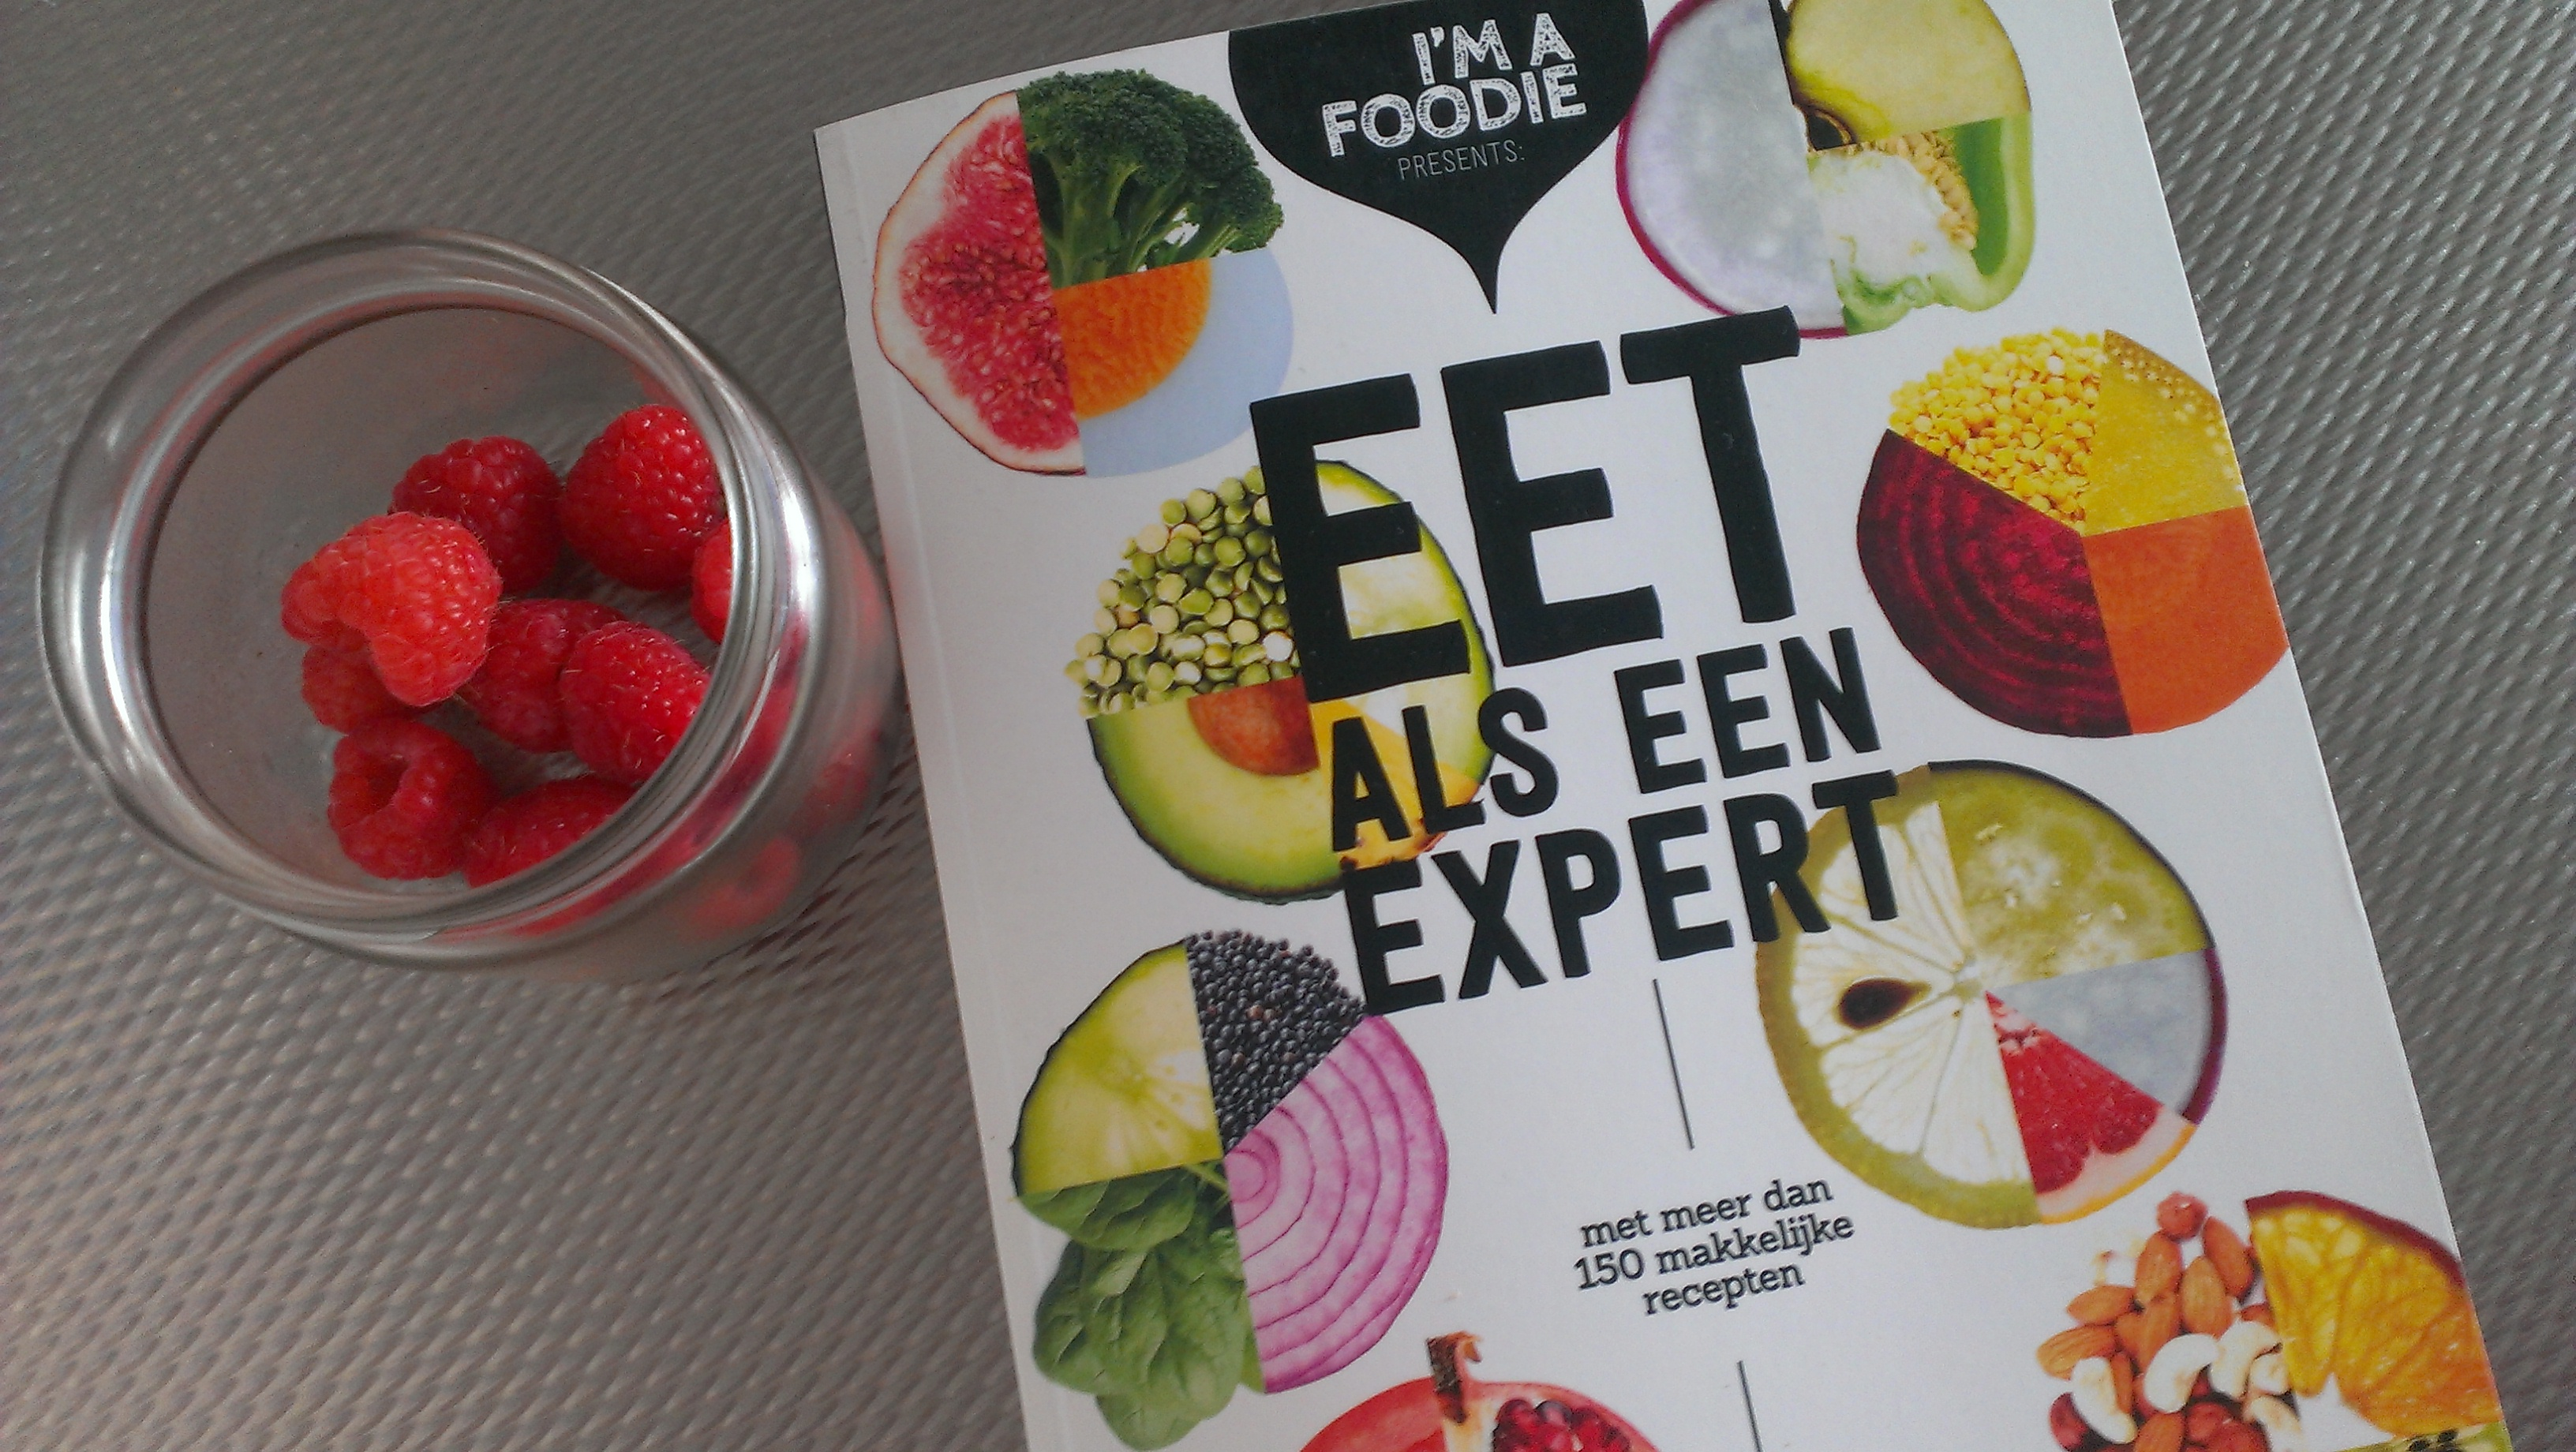 Eet als een expert - cover